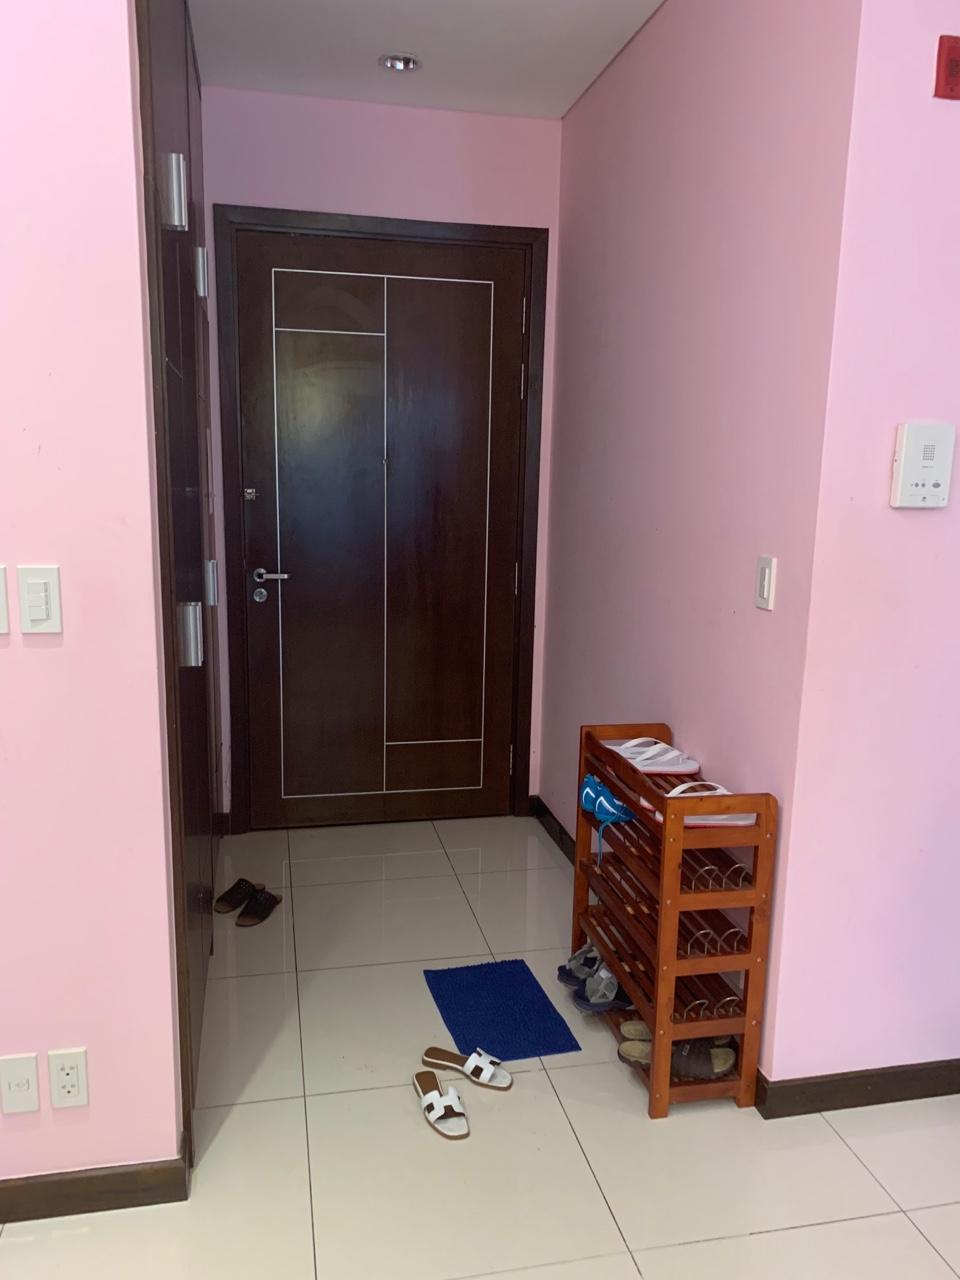 Bán căn hộ Everrich 1 đường 3/2 nhà đẹp 115m2 - hình 9